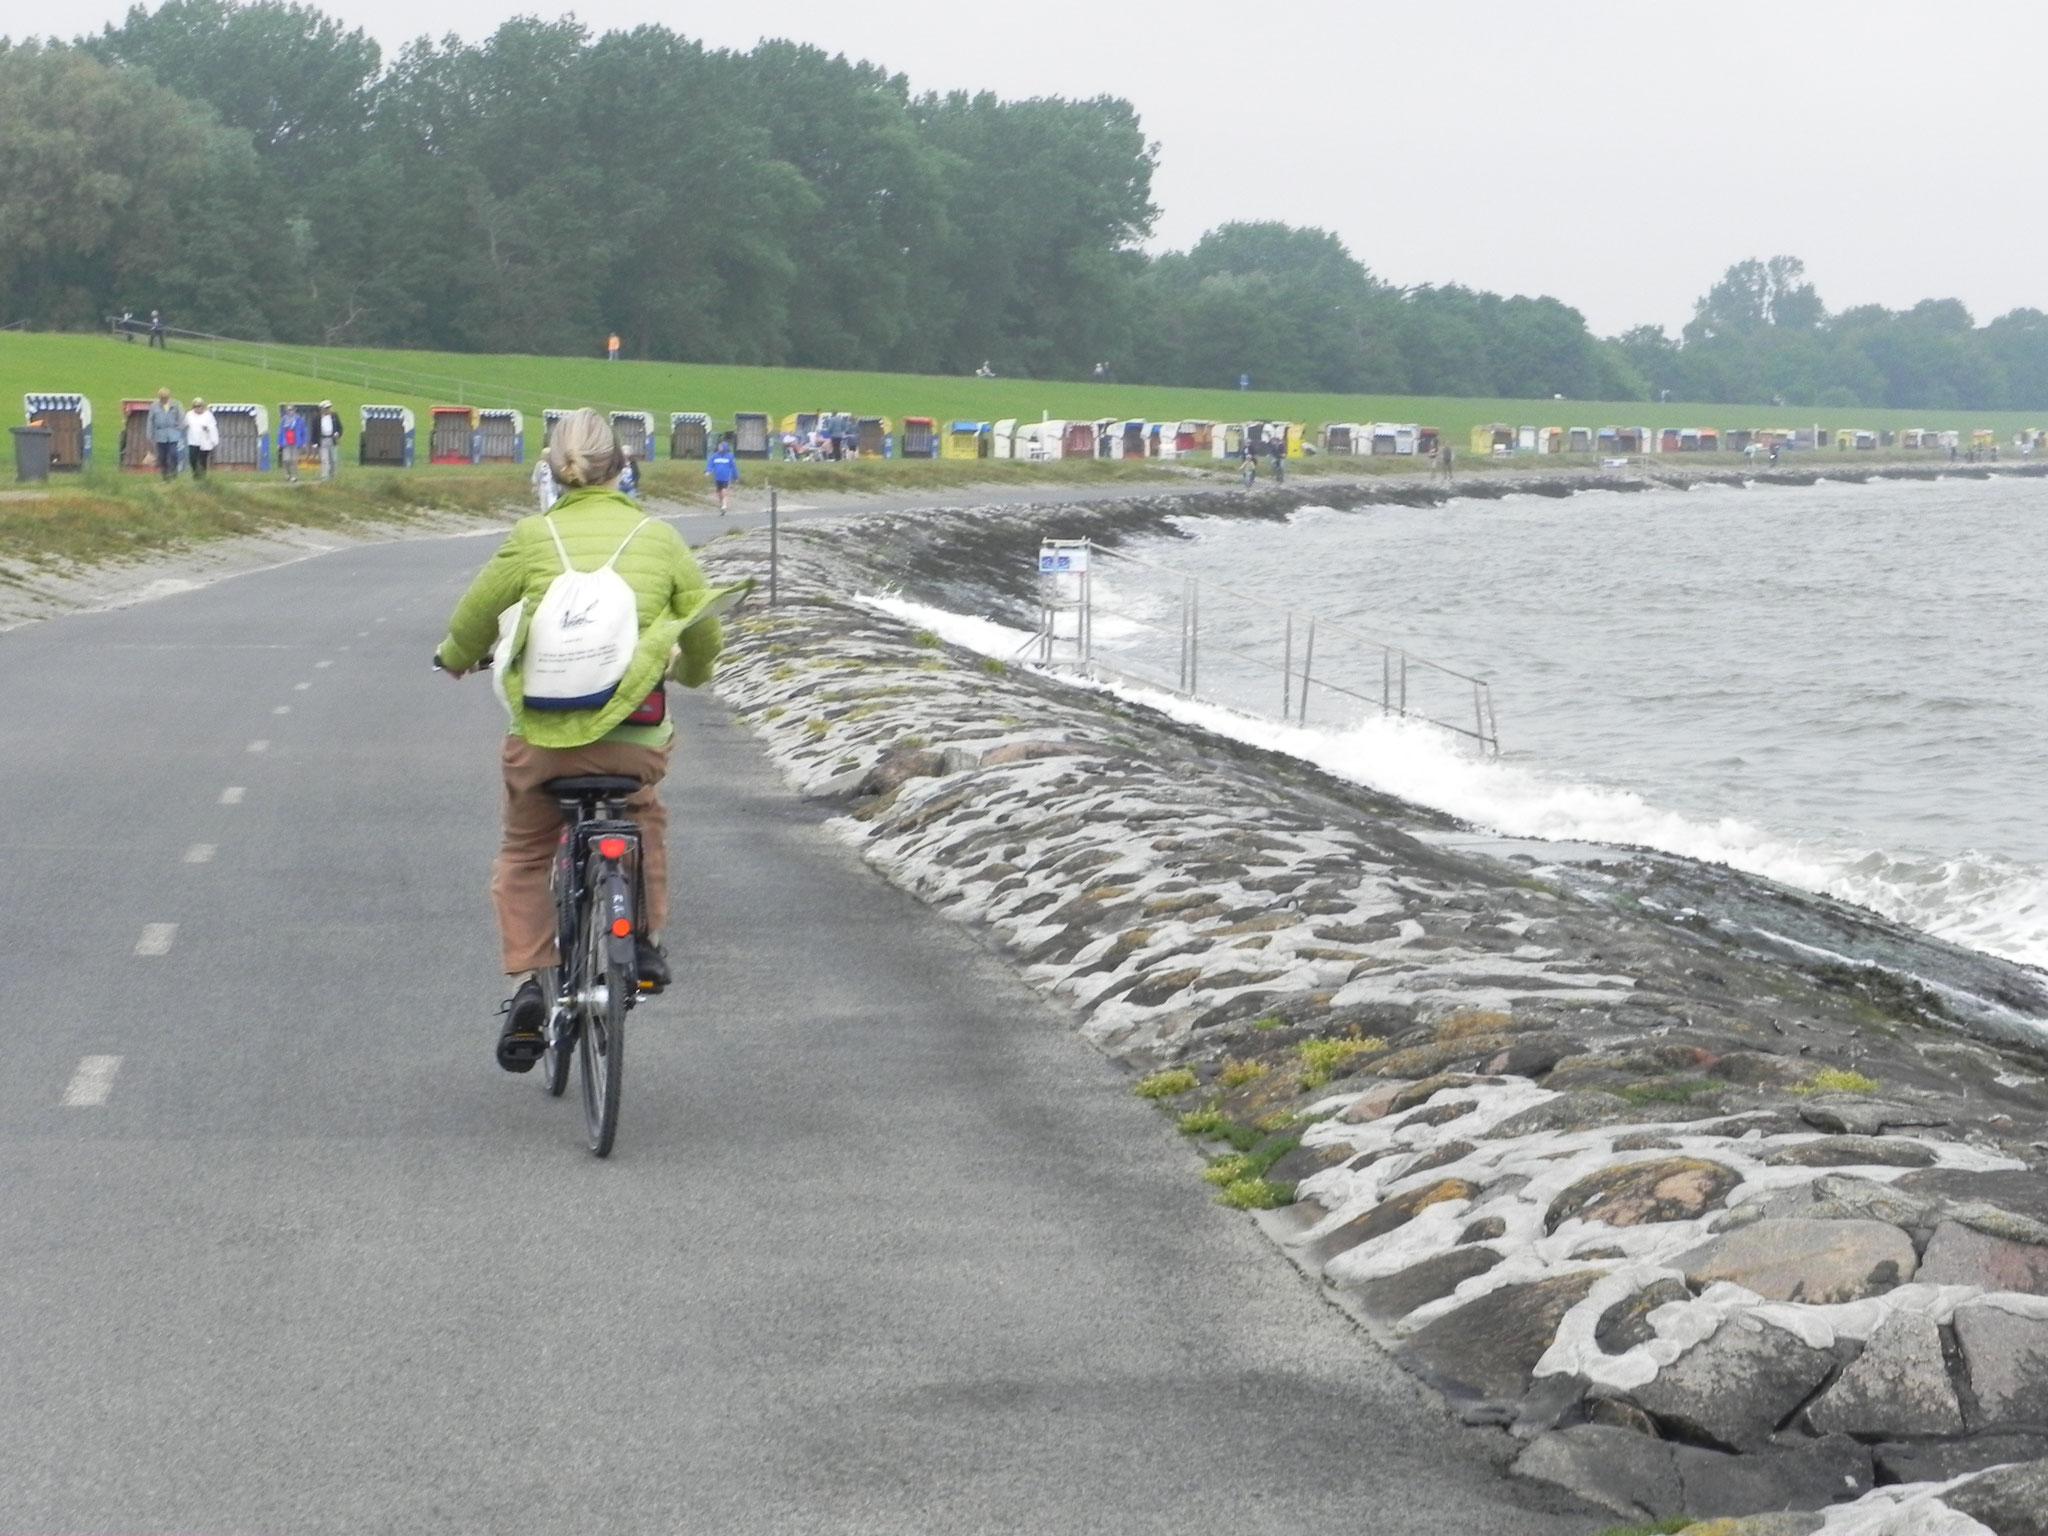 Mit dem Rad lässt sich die Landschaft noch viel schöner entdecken.